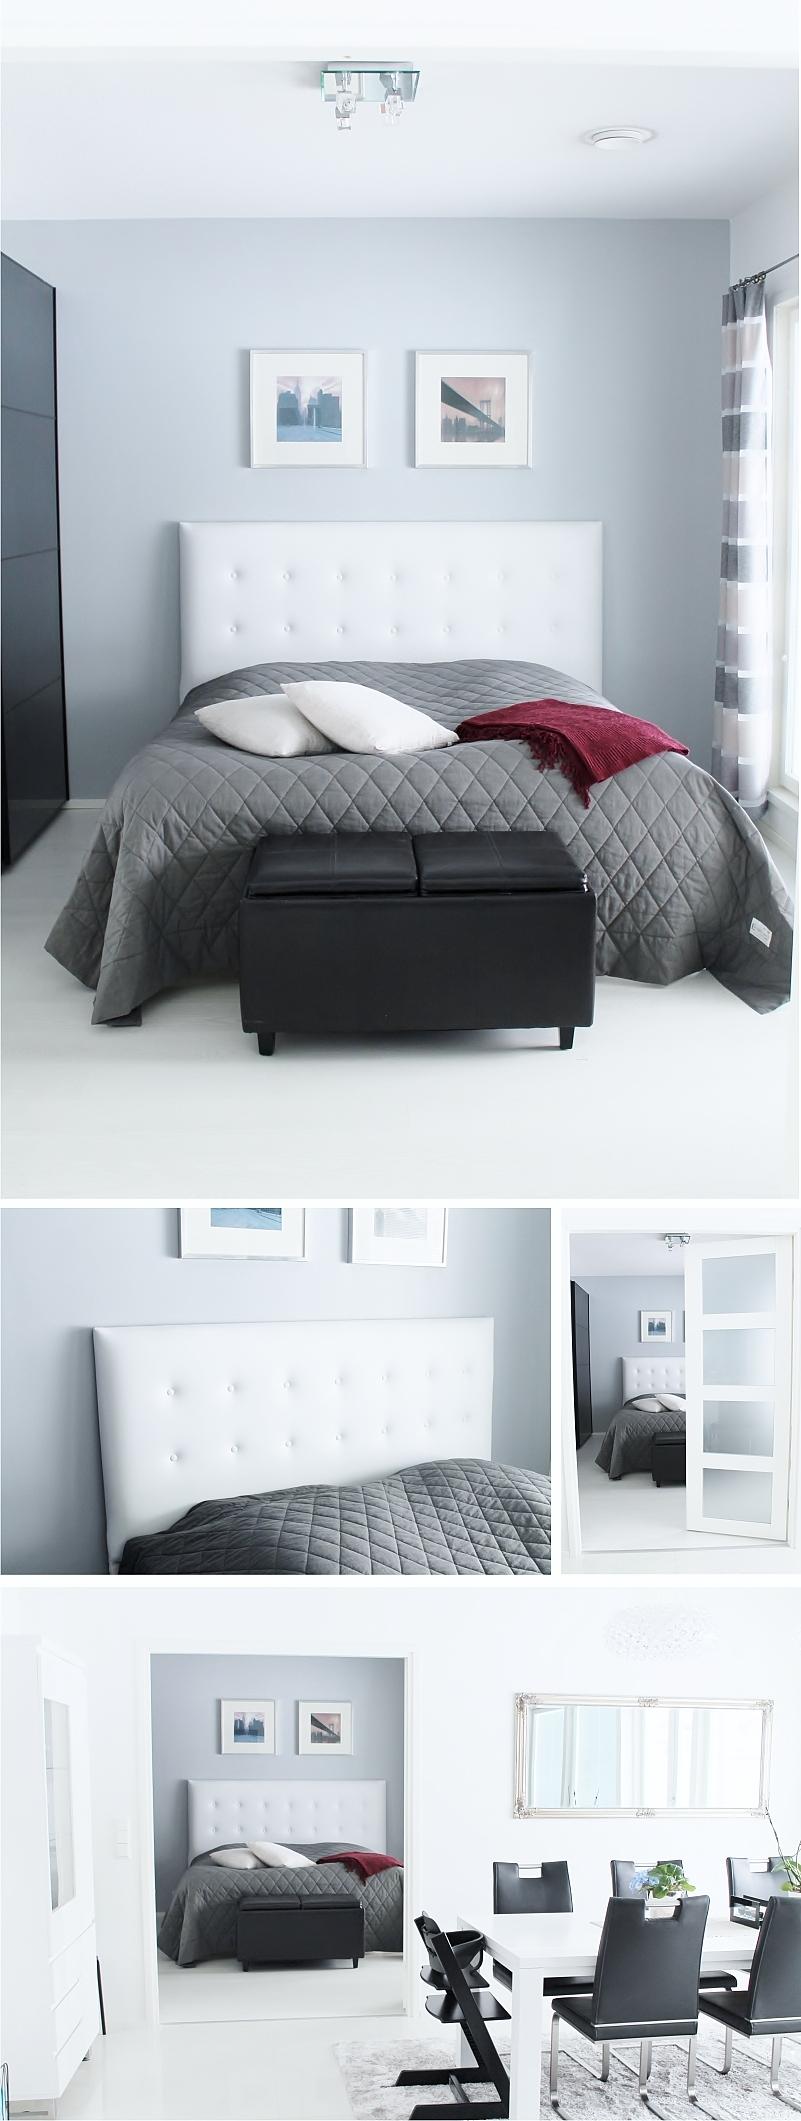 elinsss.com 2015 045 sänggavel DIY